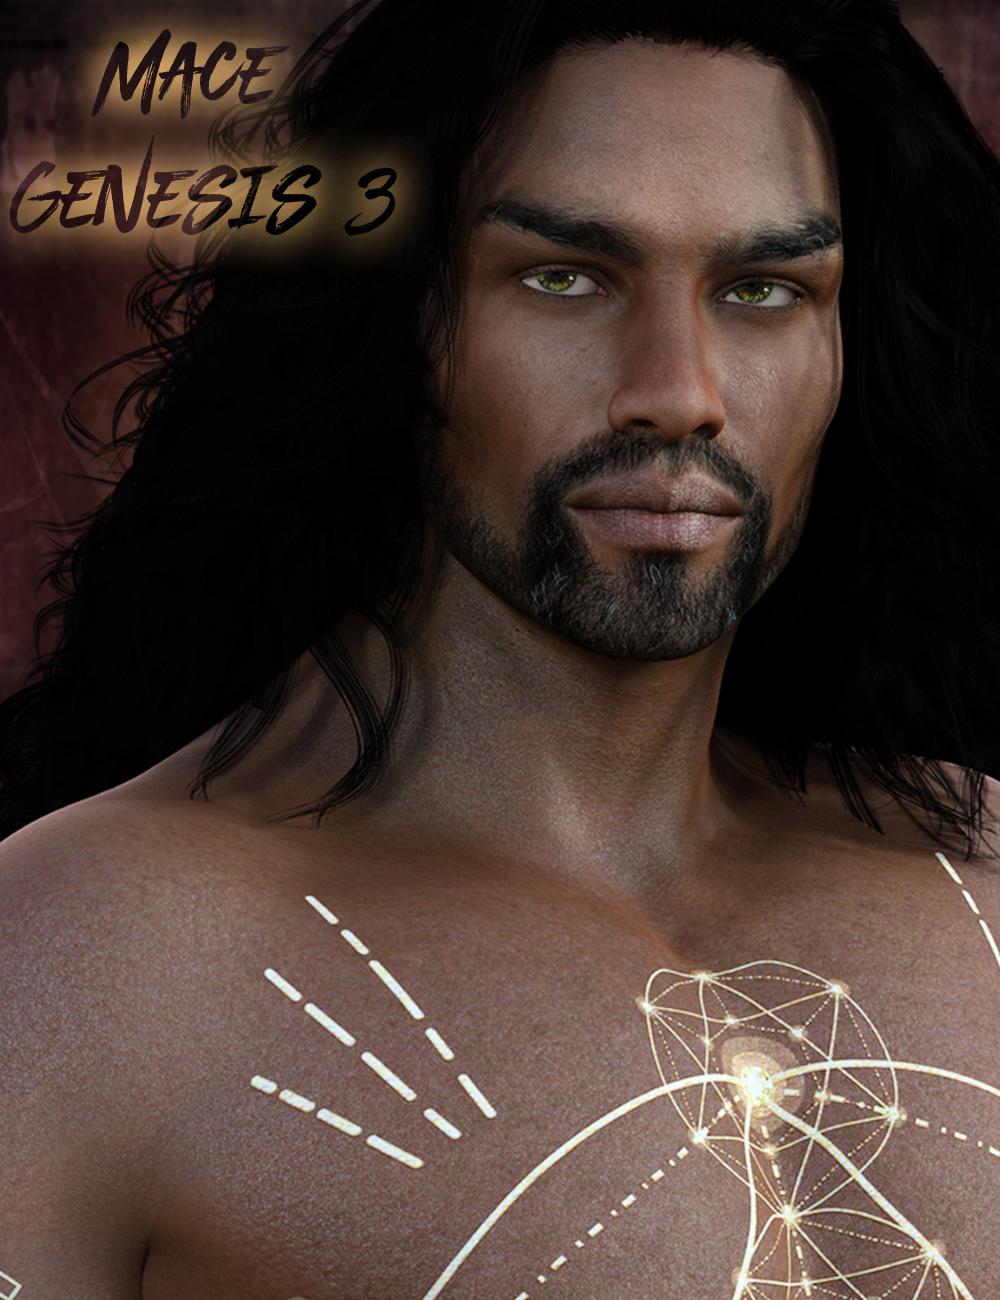 Mace for Genesis 3 Male by: gypsyangel, 3D Models by Daz 3D